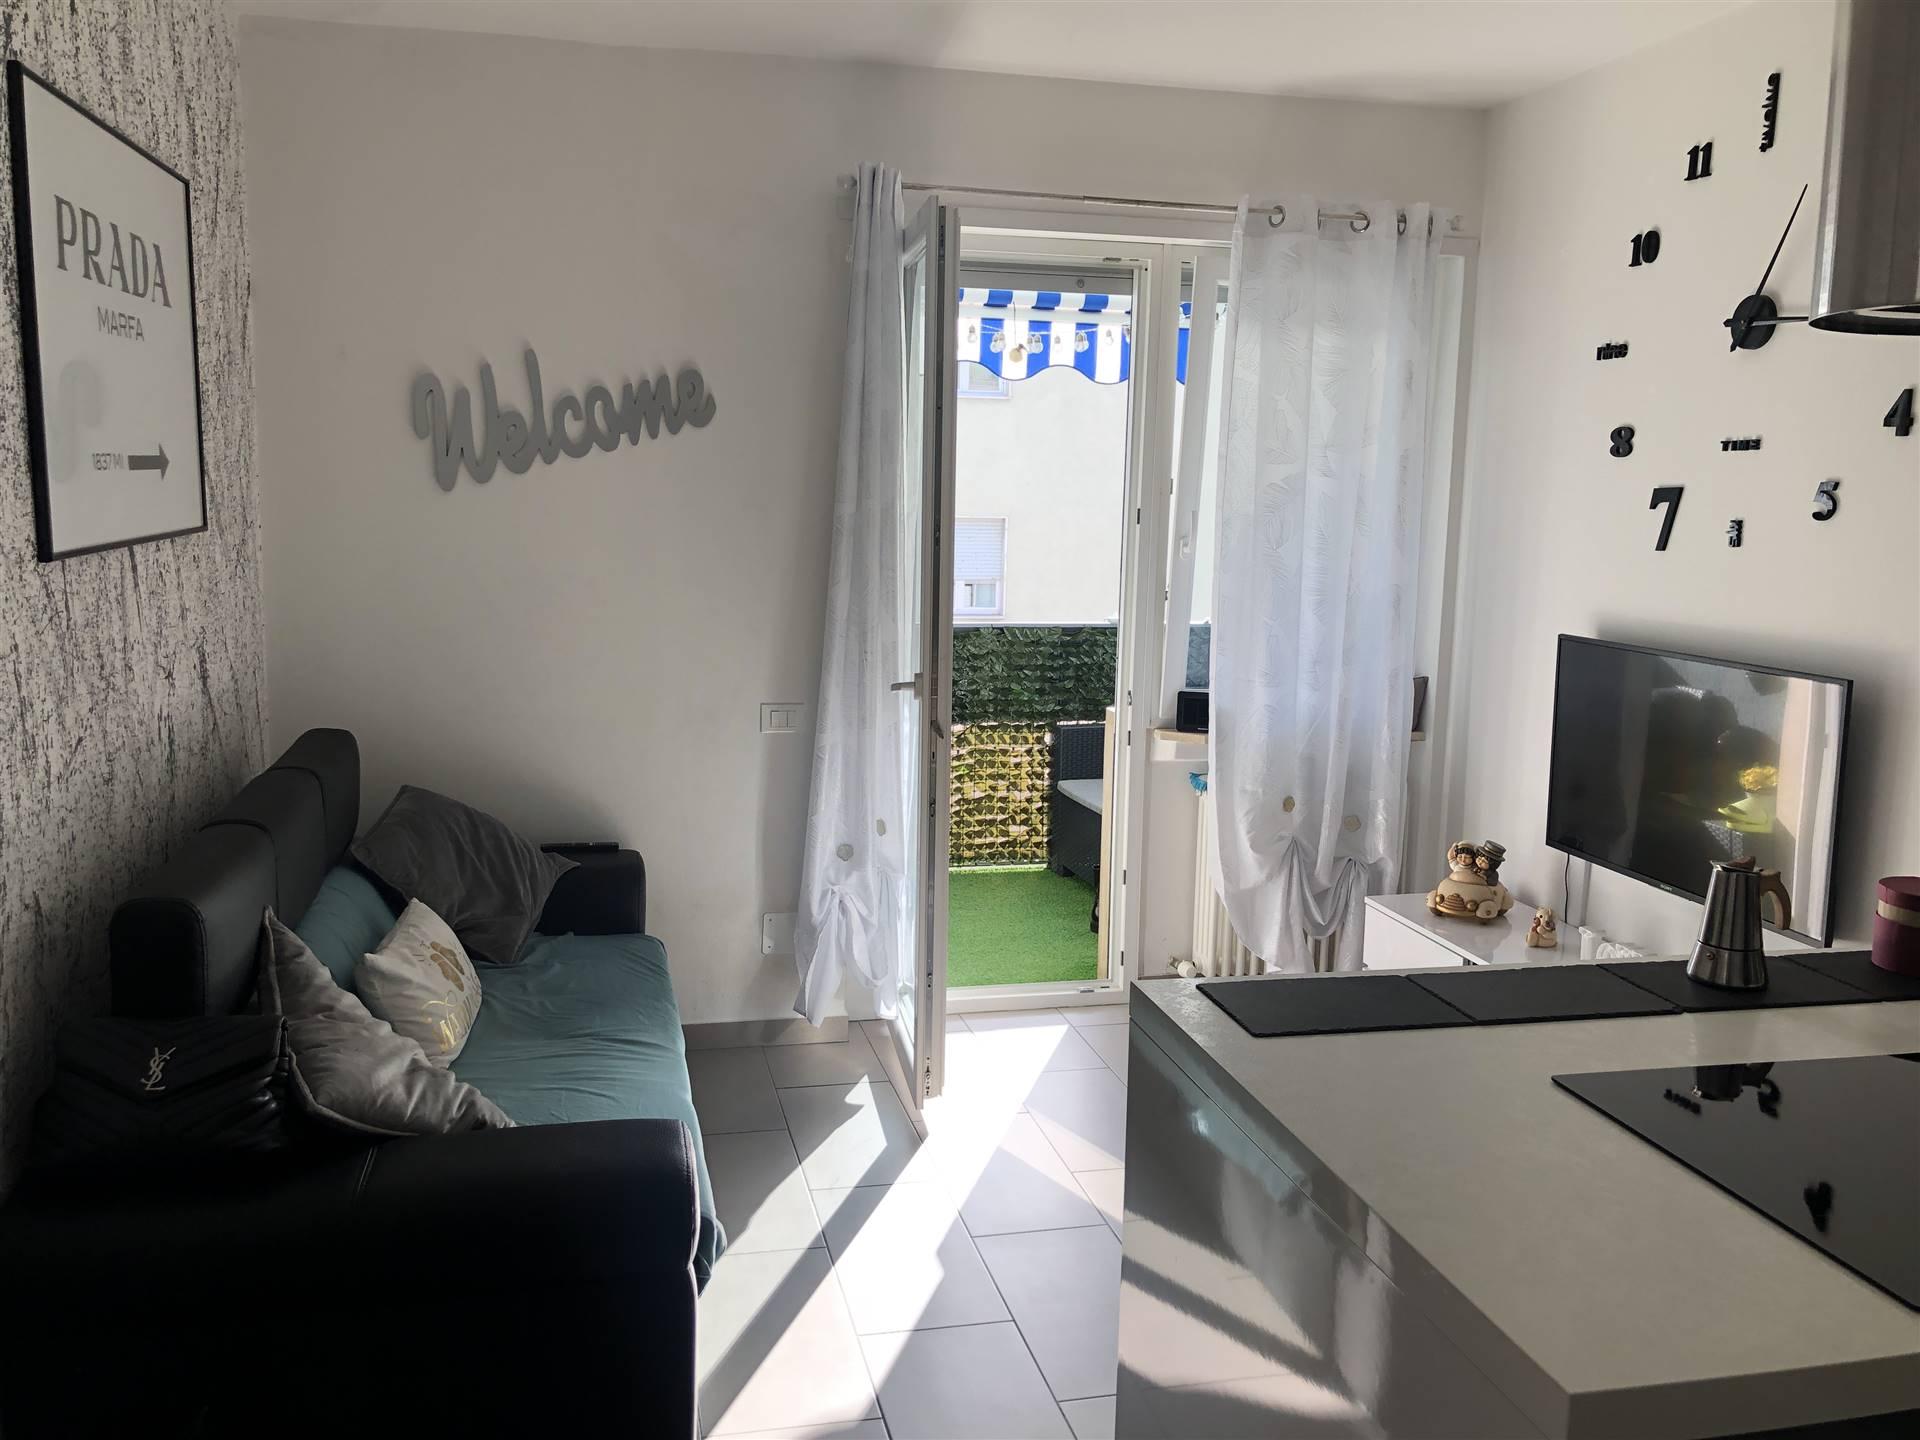 VIA PALERMO, BOLZANO, Wohnung zu verkaufen von 51 Qm, Renoviert, Heizung Zentralisiert, Energie-klasse: G, am boden 4° auf 5, zusammengestellt von: 2